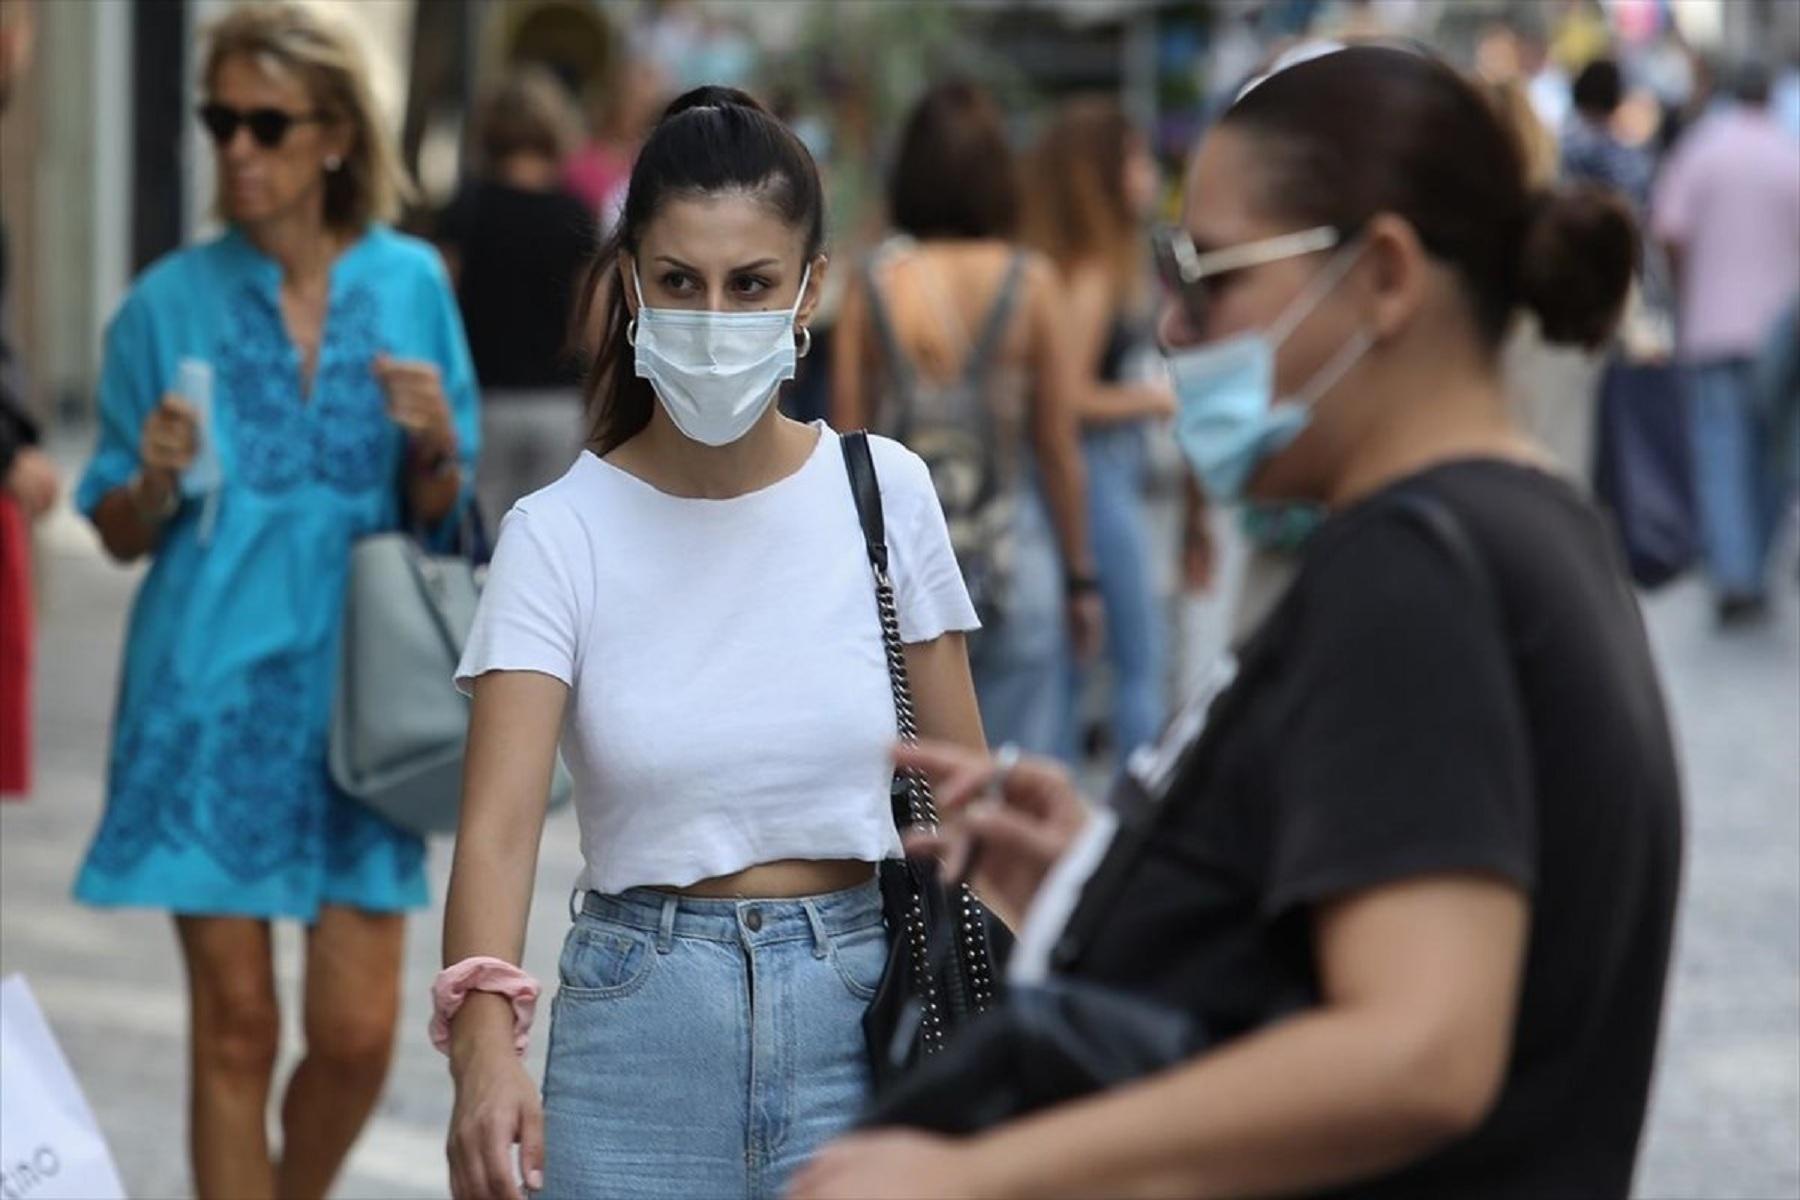 Κορωνοϊός μόλυνση μάσκα: Πιθανότητες μόλυνσης σε ανοικτούς χώρους